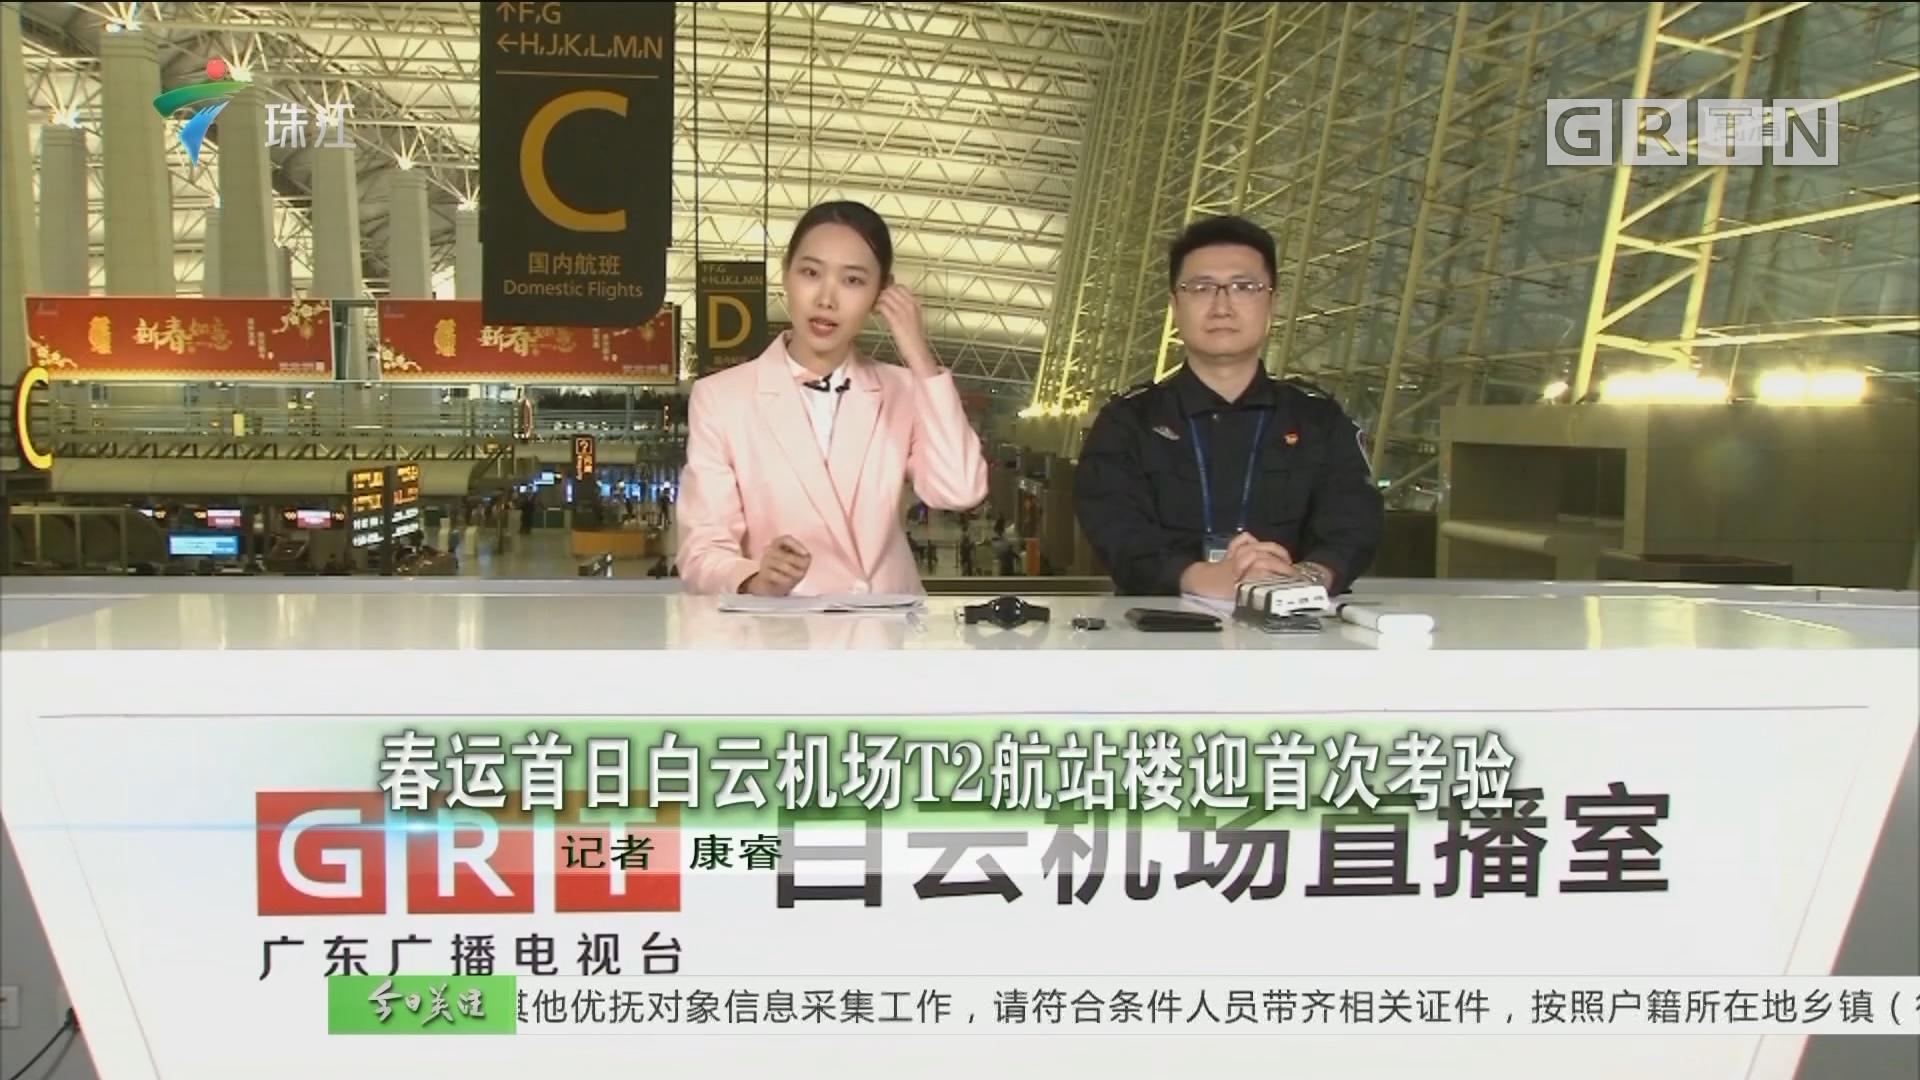 春运首日白云机场T2航站楼迎首次考验